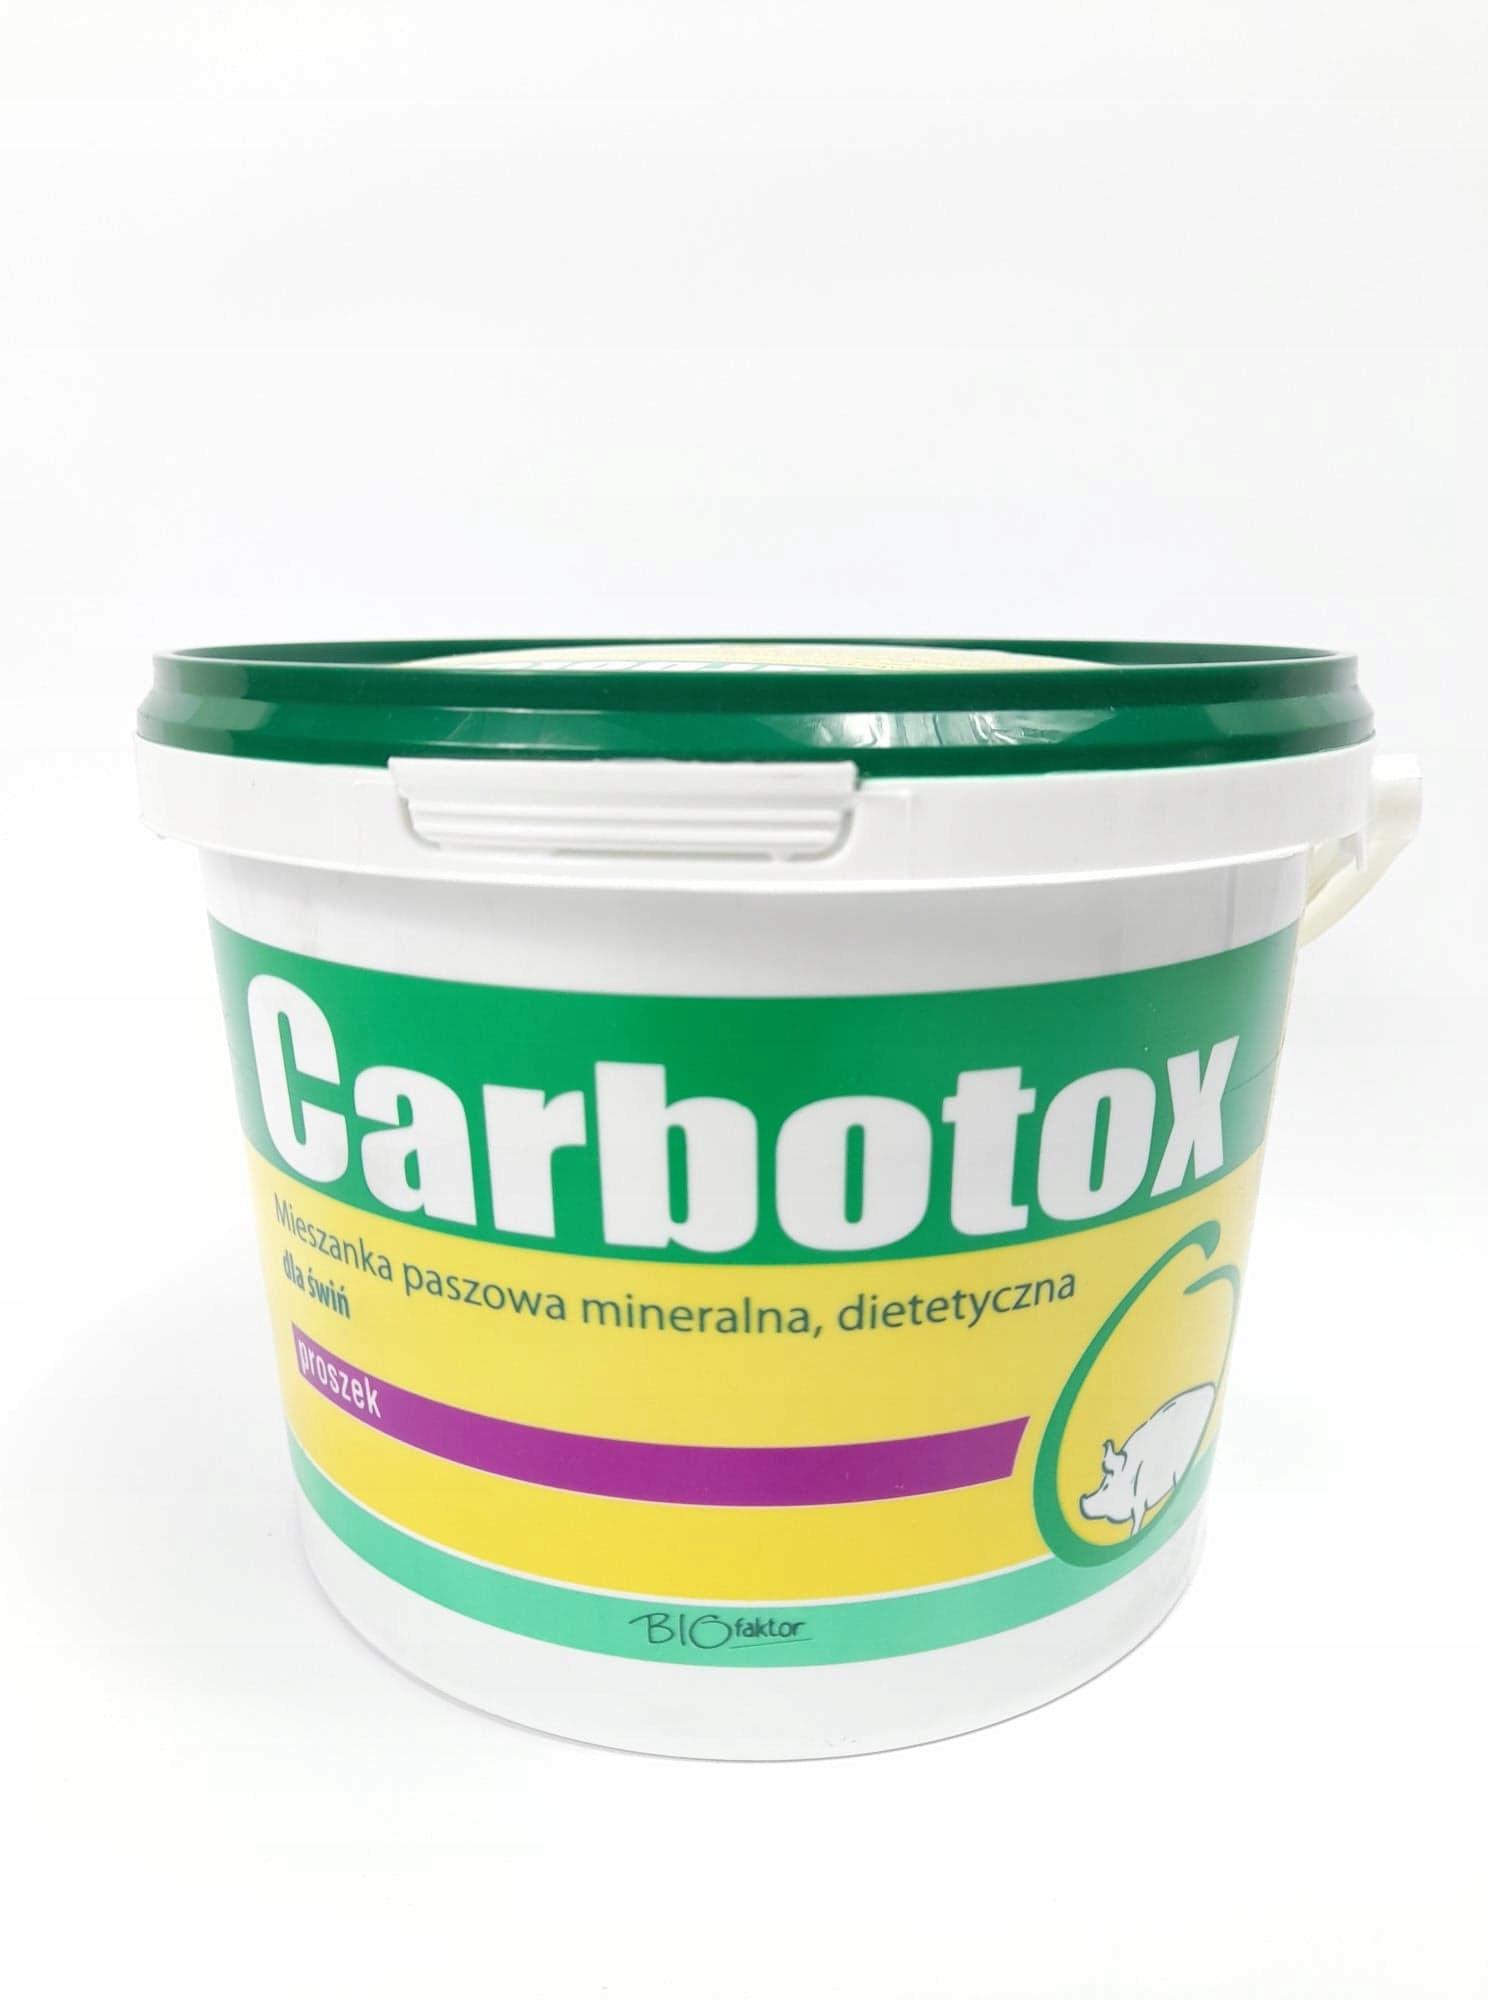 Комбикорм для свиней Carbotox 1кг